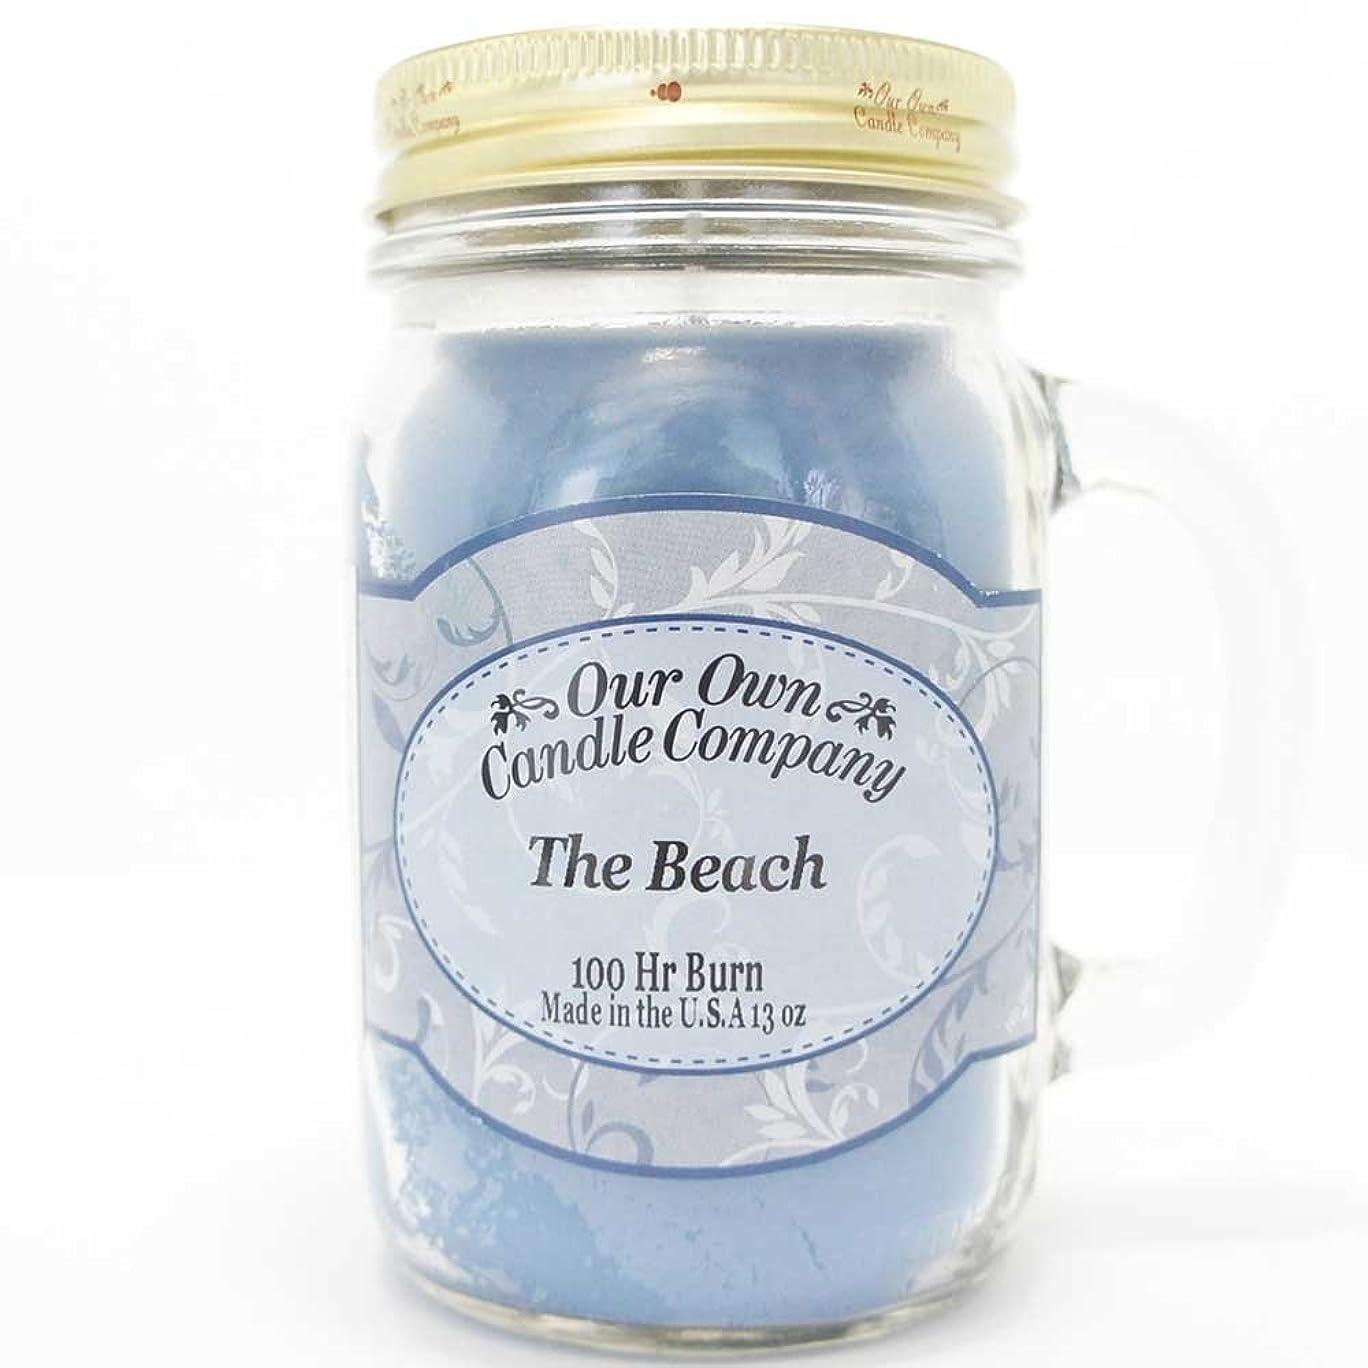 筋肉のお肉捨てるOur Own Candle Company メイソンジャーキャンドル ラージサイズ ザ?ビーチ OU100119